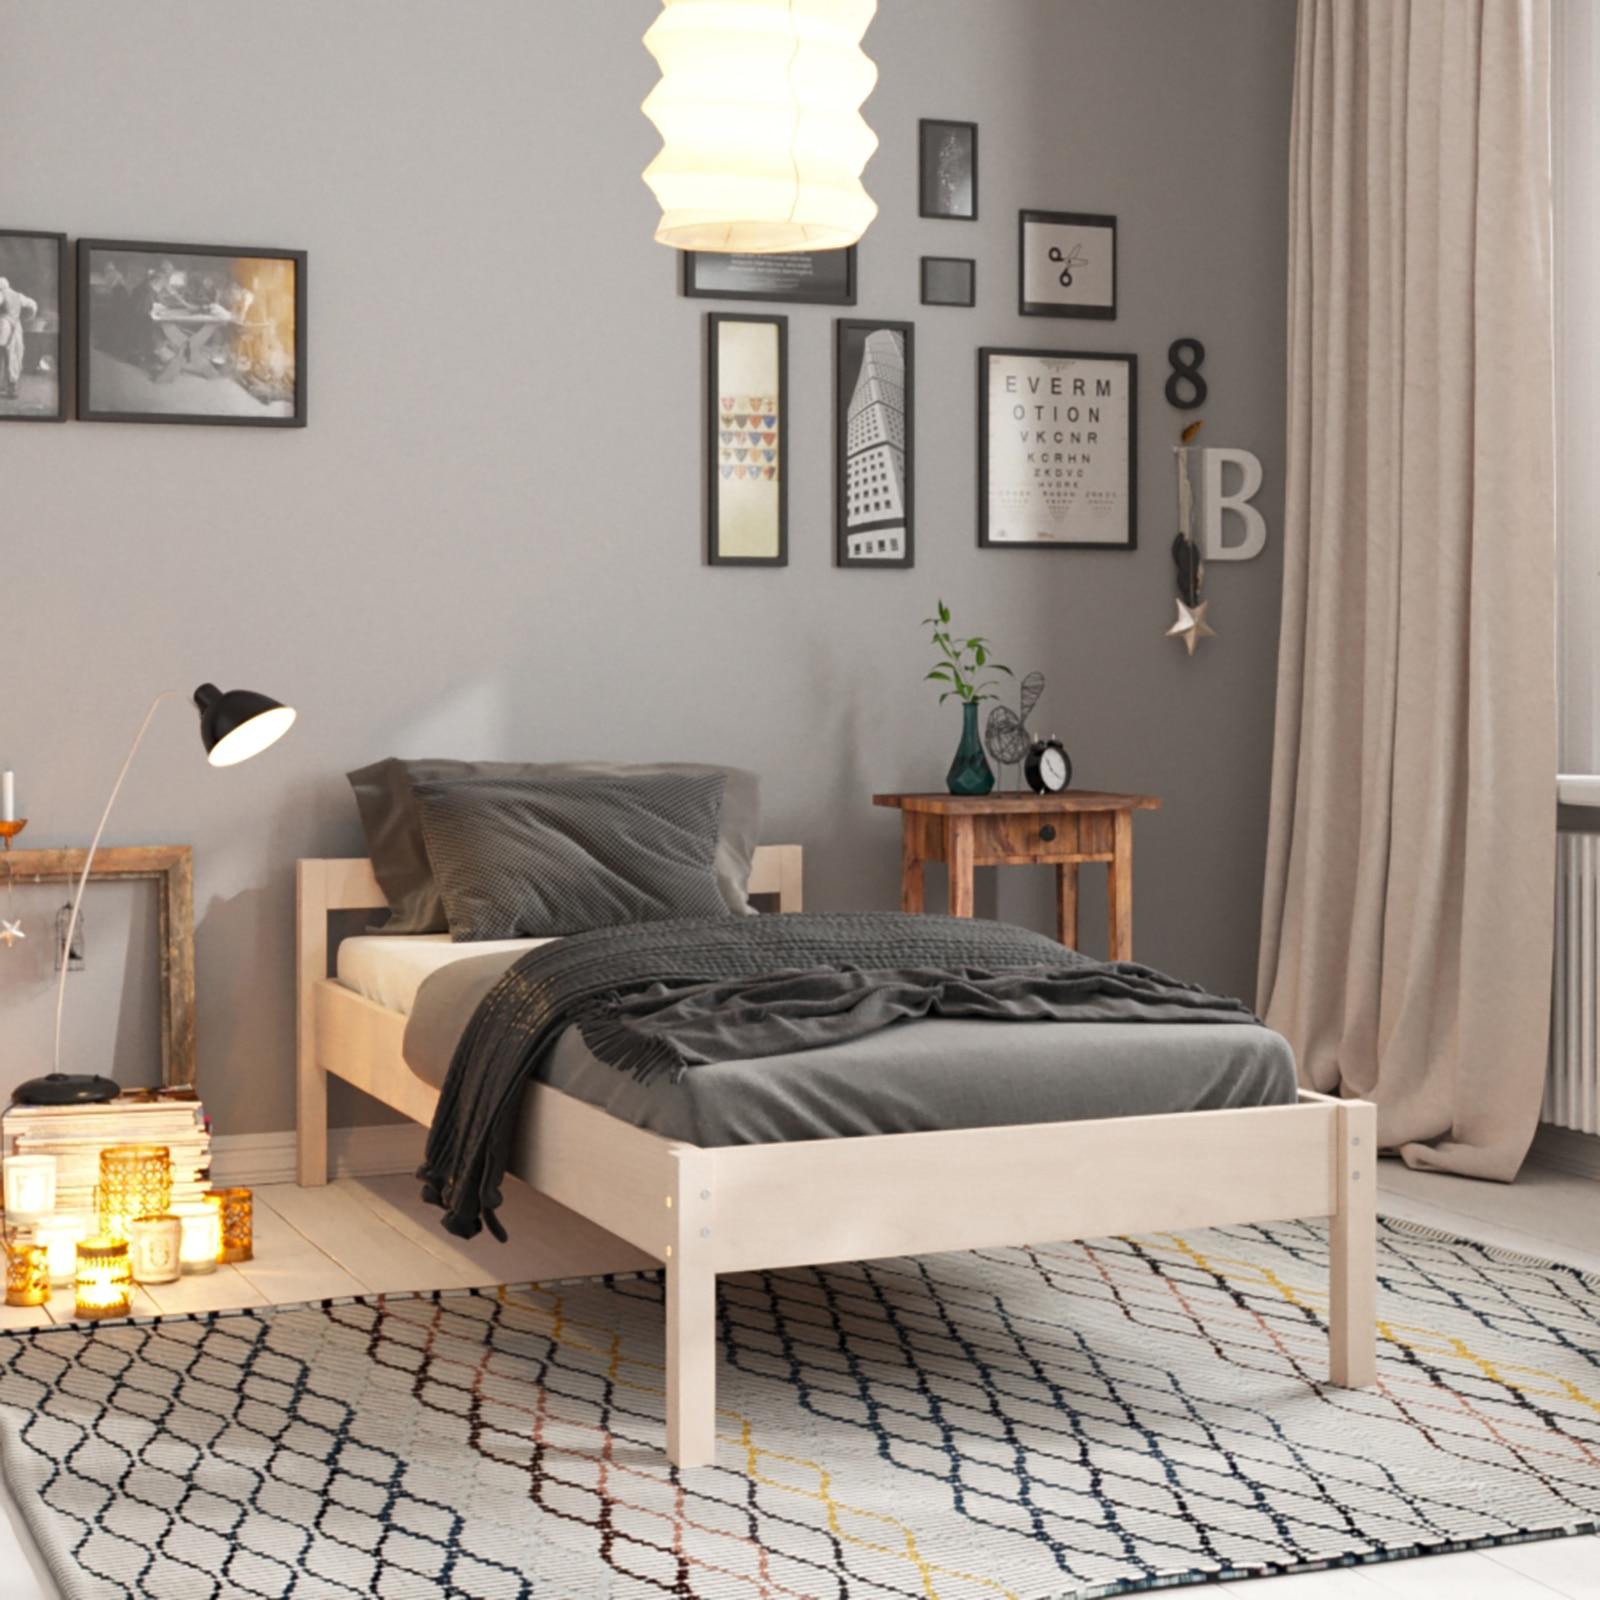 Односпальная деревянная кровать Hansales 100x200 см для здорового и крепкого сна